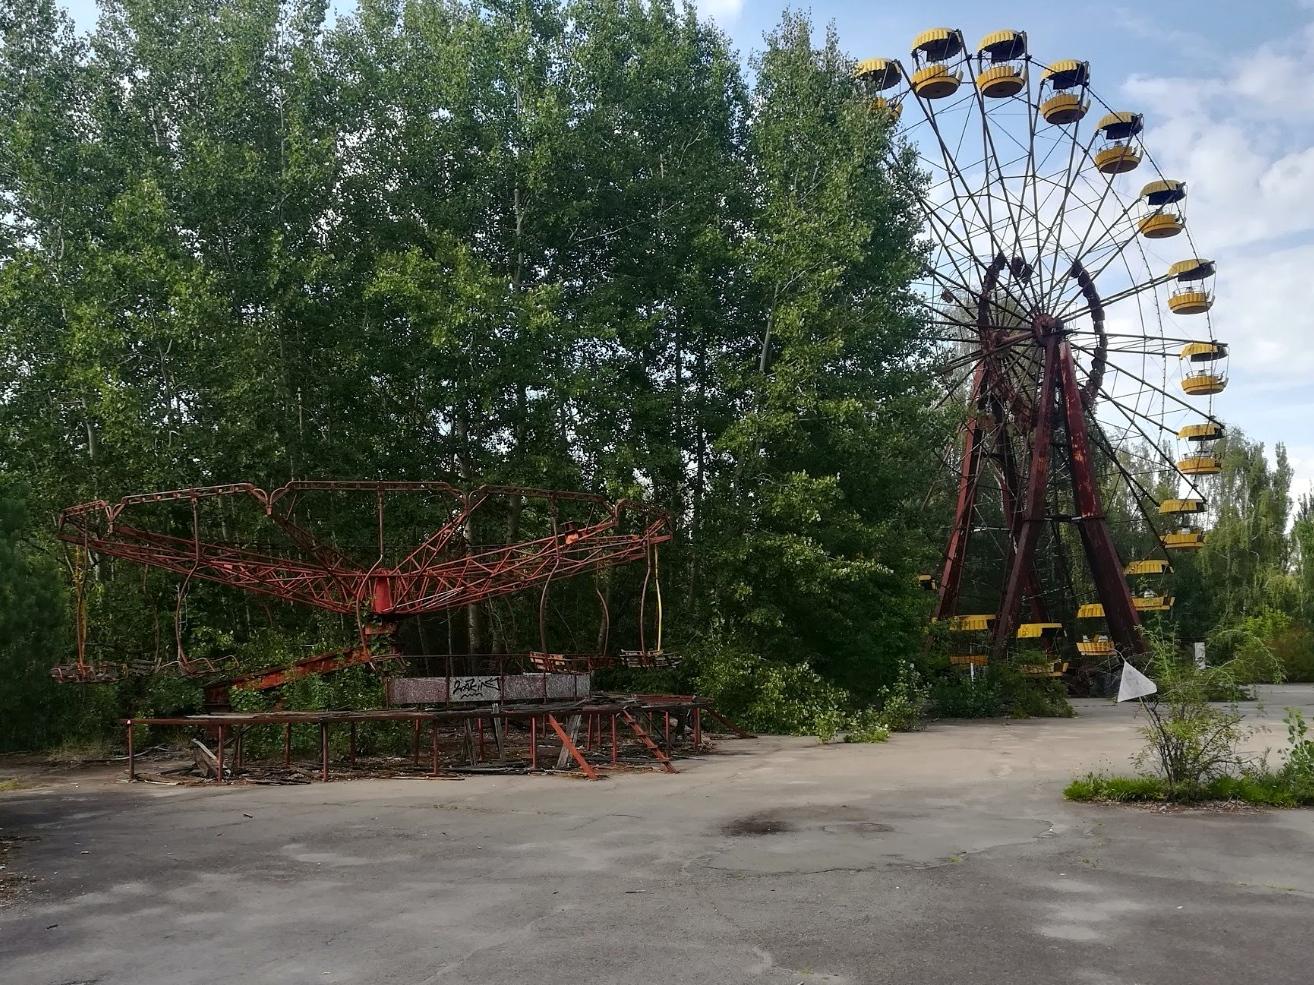 Tino Schlench - Literaturpalast - Tschernobyl Prypjat 1